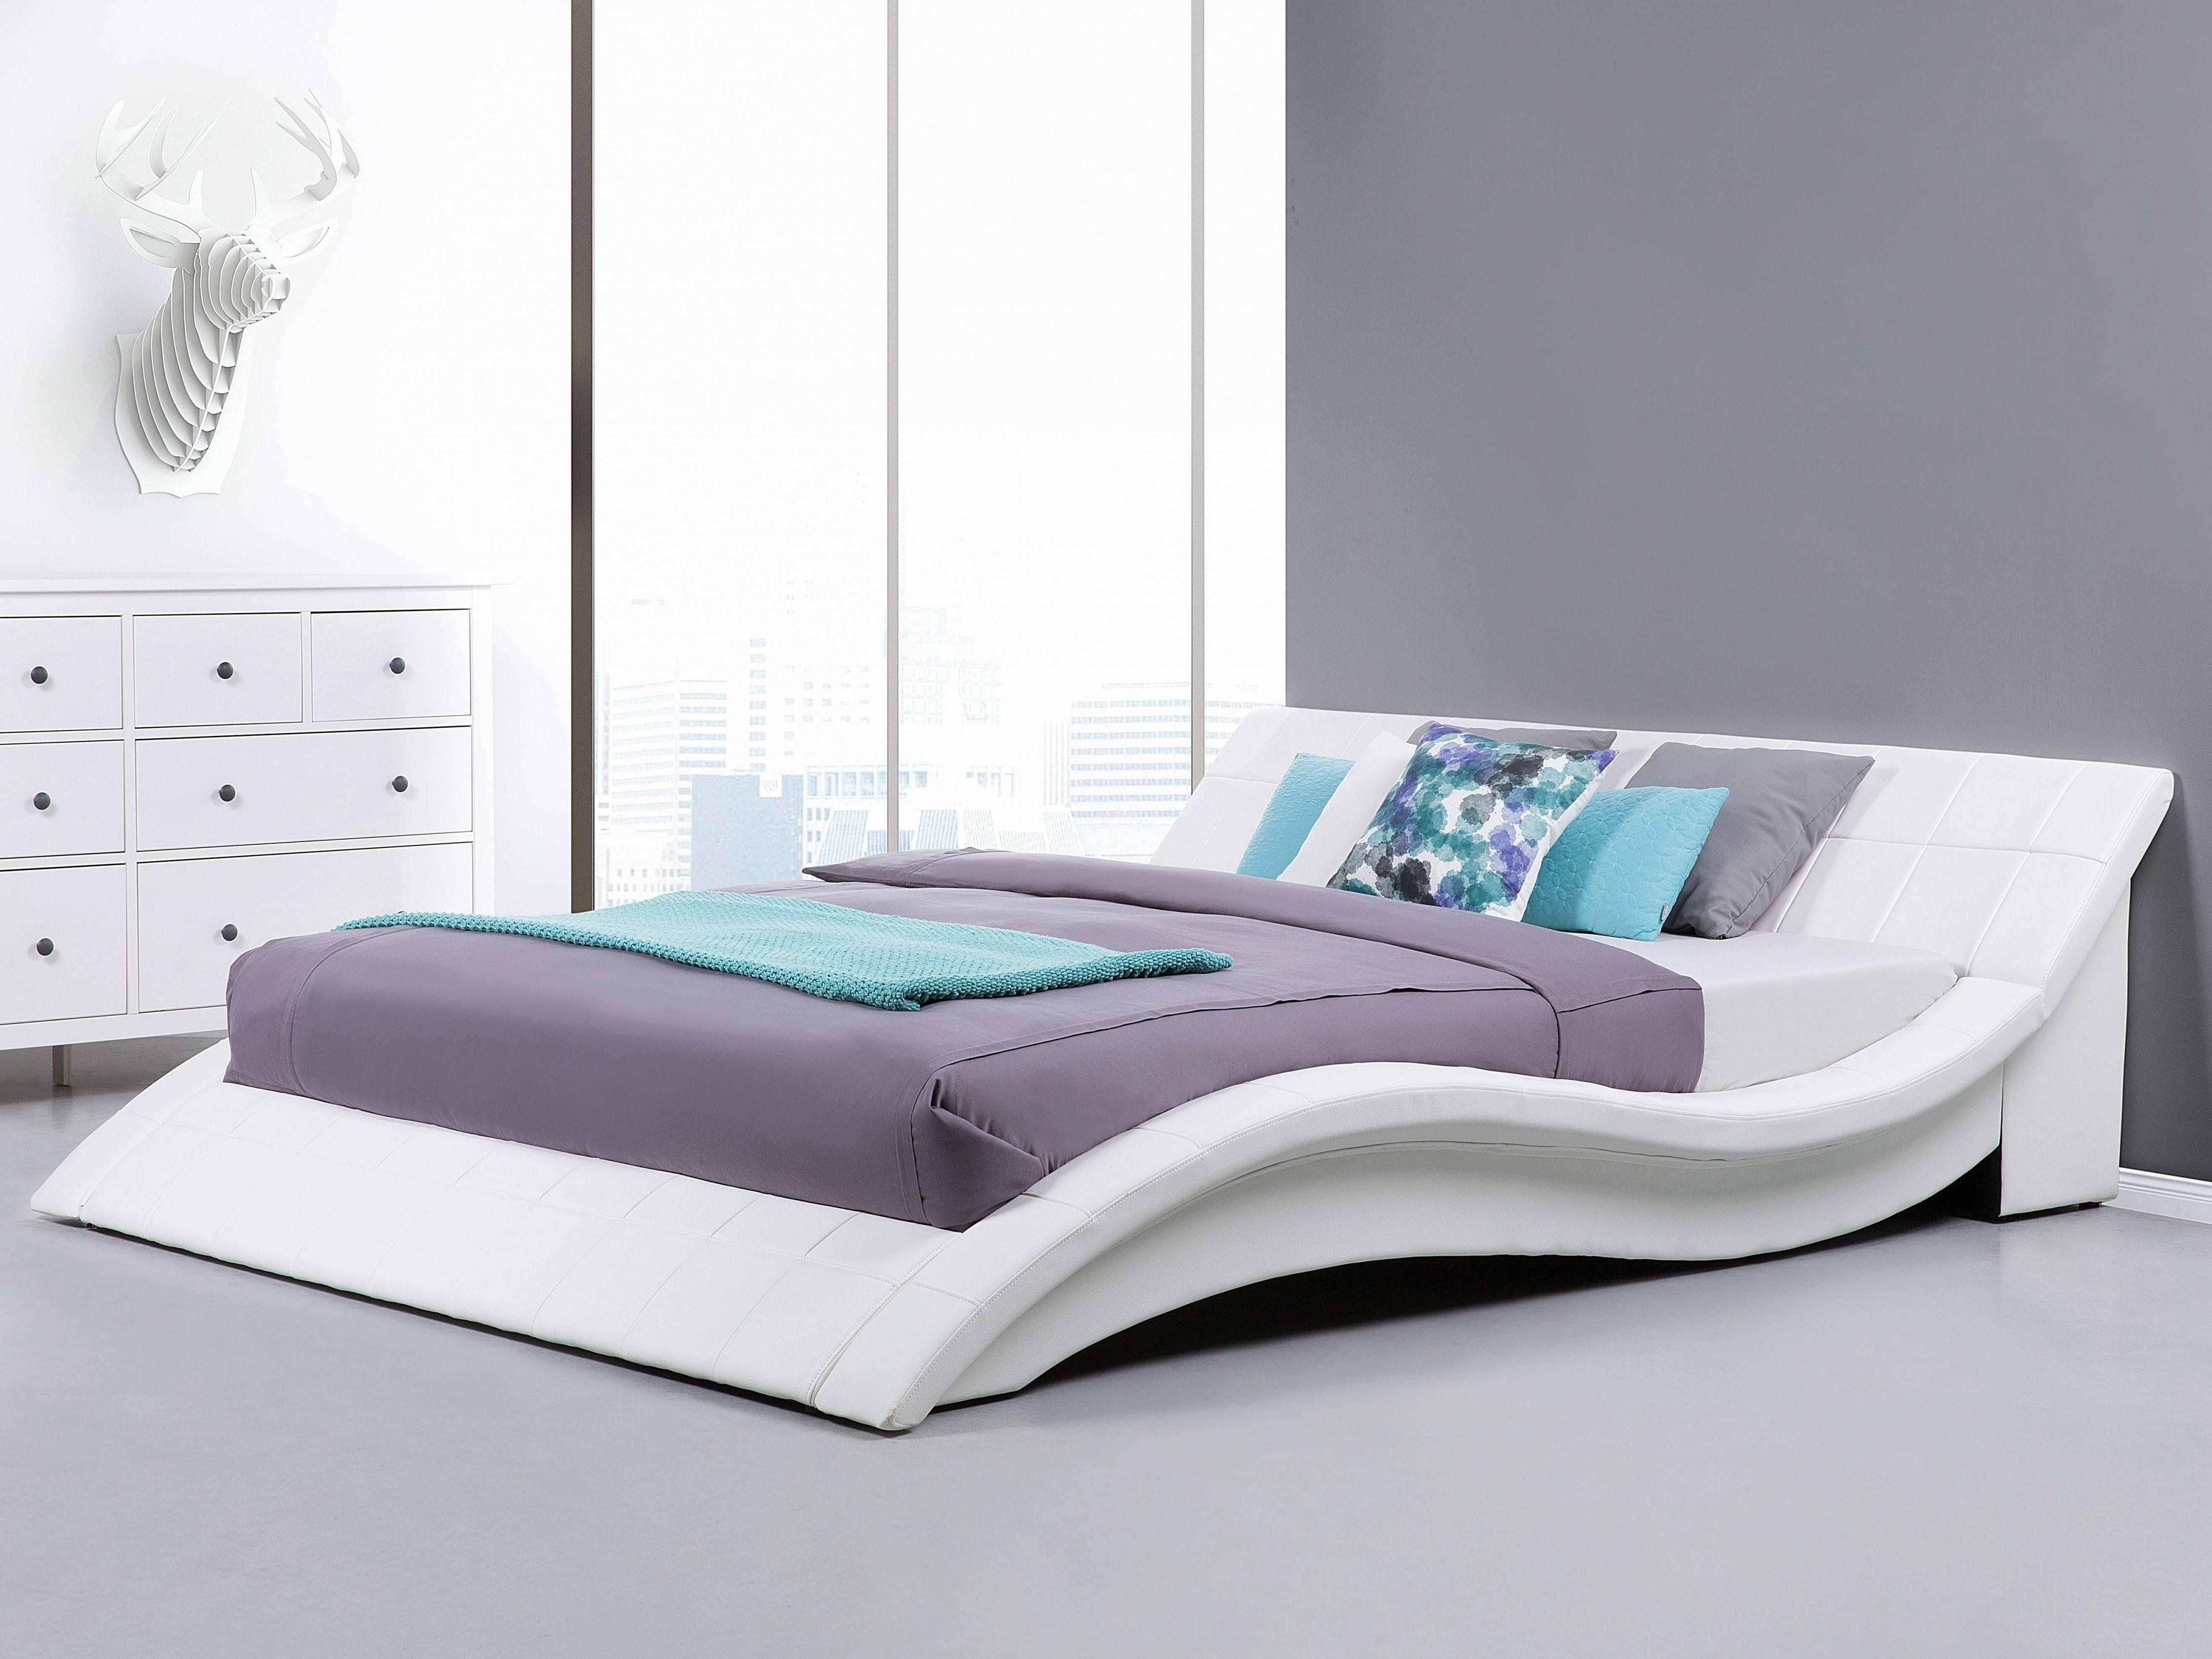 Betten 180 Einzigartig Schlafzimmer Bett 180×200 Neu Bett 180×200 von Ikea Betten 180X200 Mit Bettkasten Photo